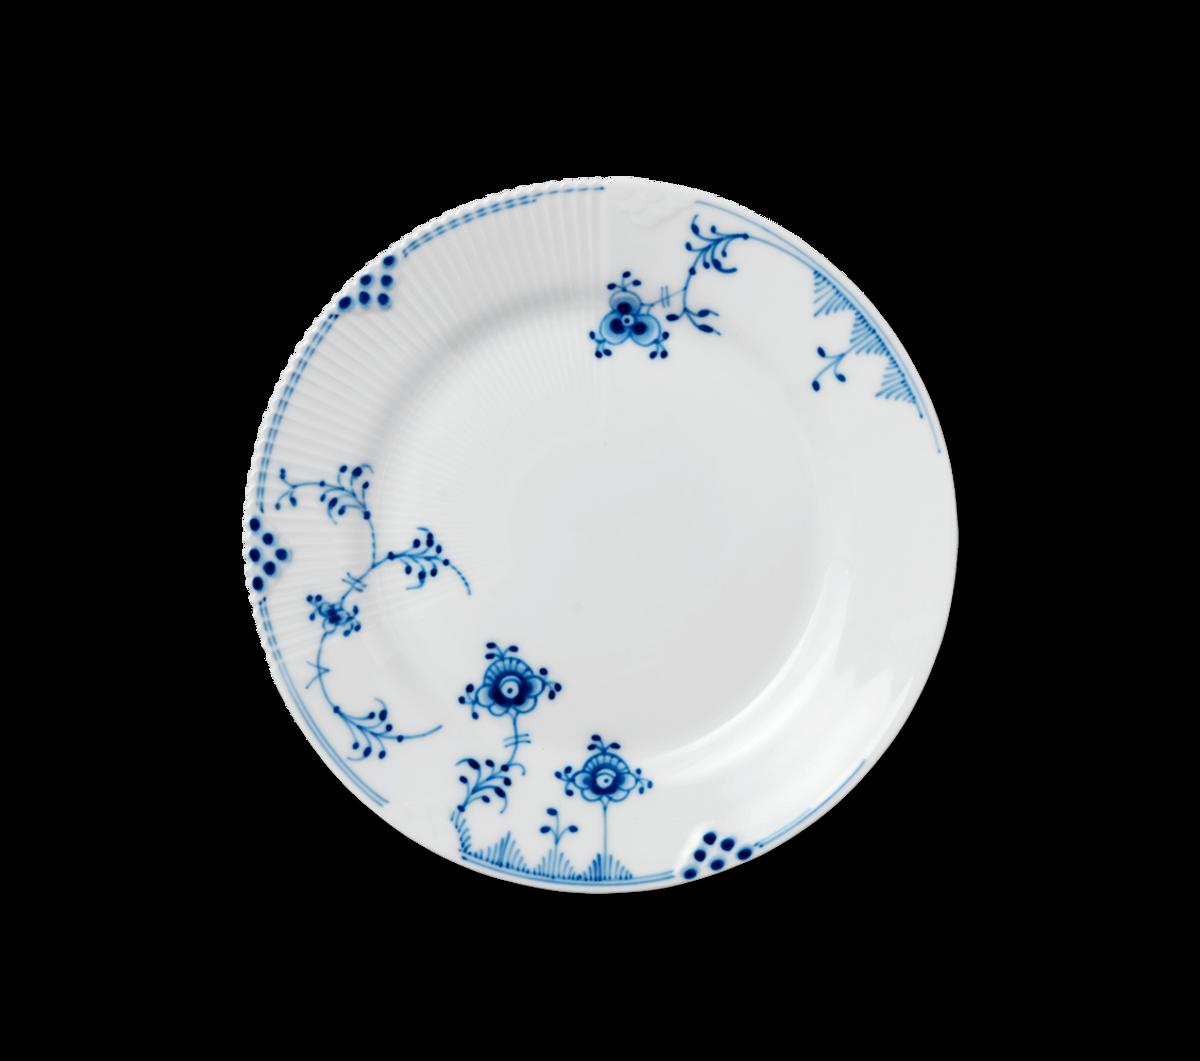 Blå Elements tallerken 22 cm